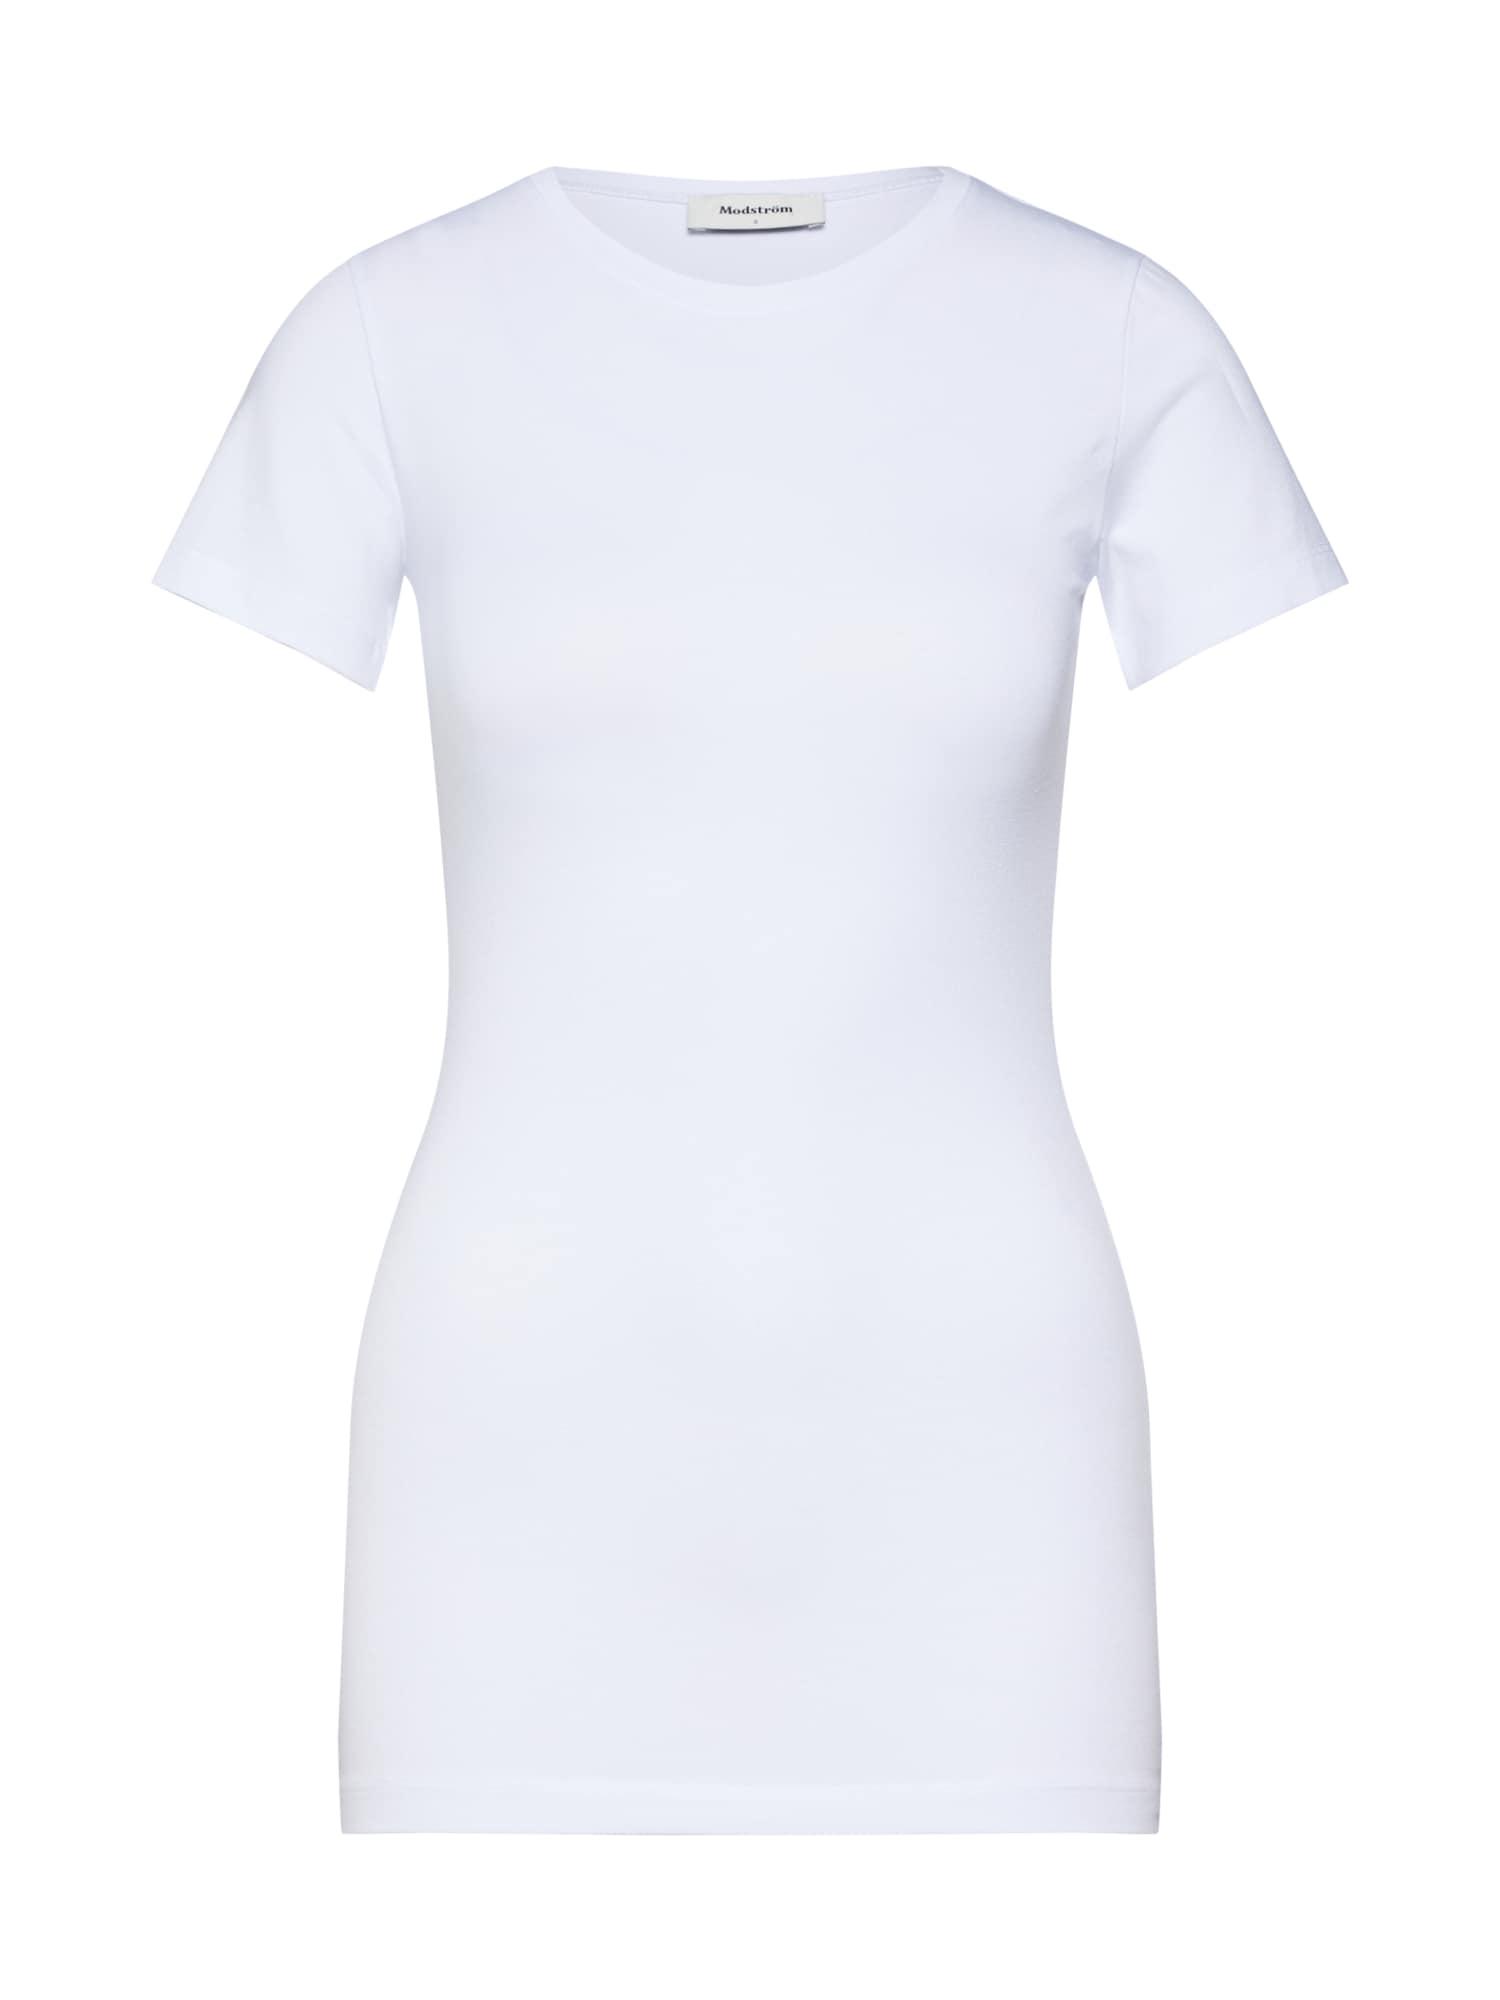 Tričko bílá Modström